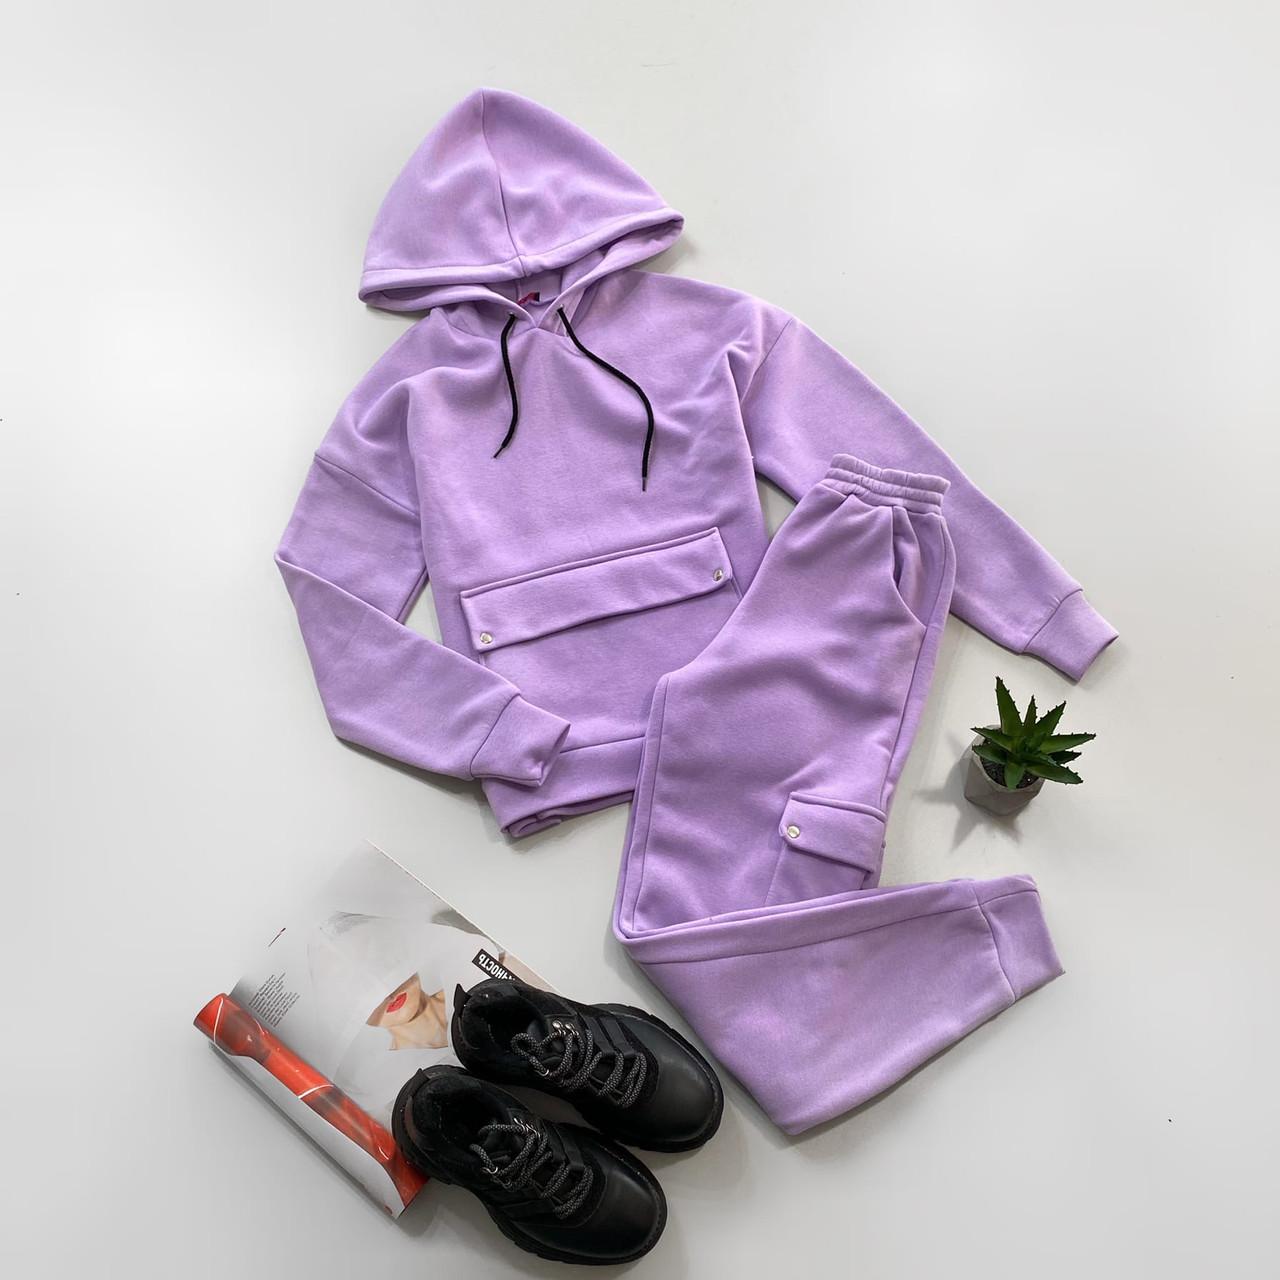 Жіночий спортивний костюм на флісі з худі і накладними кишенями (р. S, M) 66ѕо1172Е